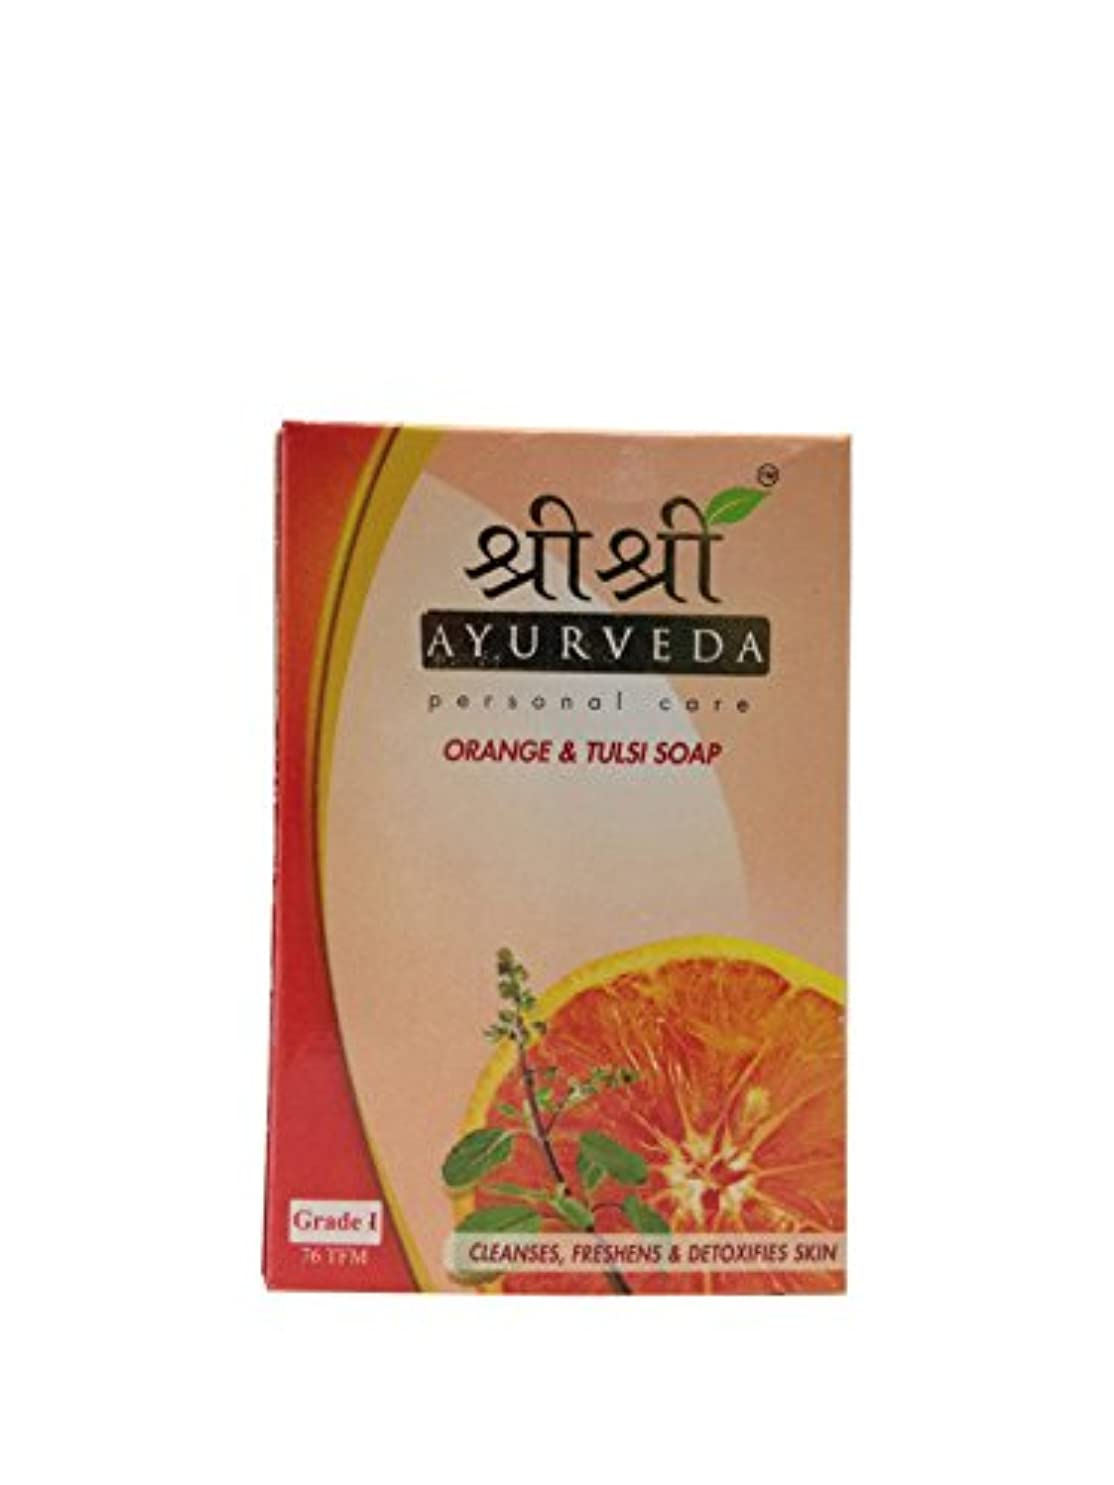 腐敗した有効なサイトSri Sri Ayurveda Orange & Tulsi Soap 100g…